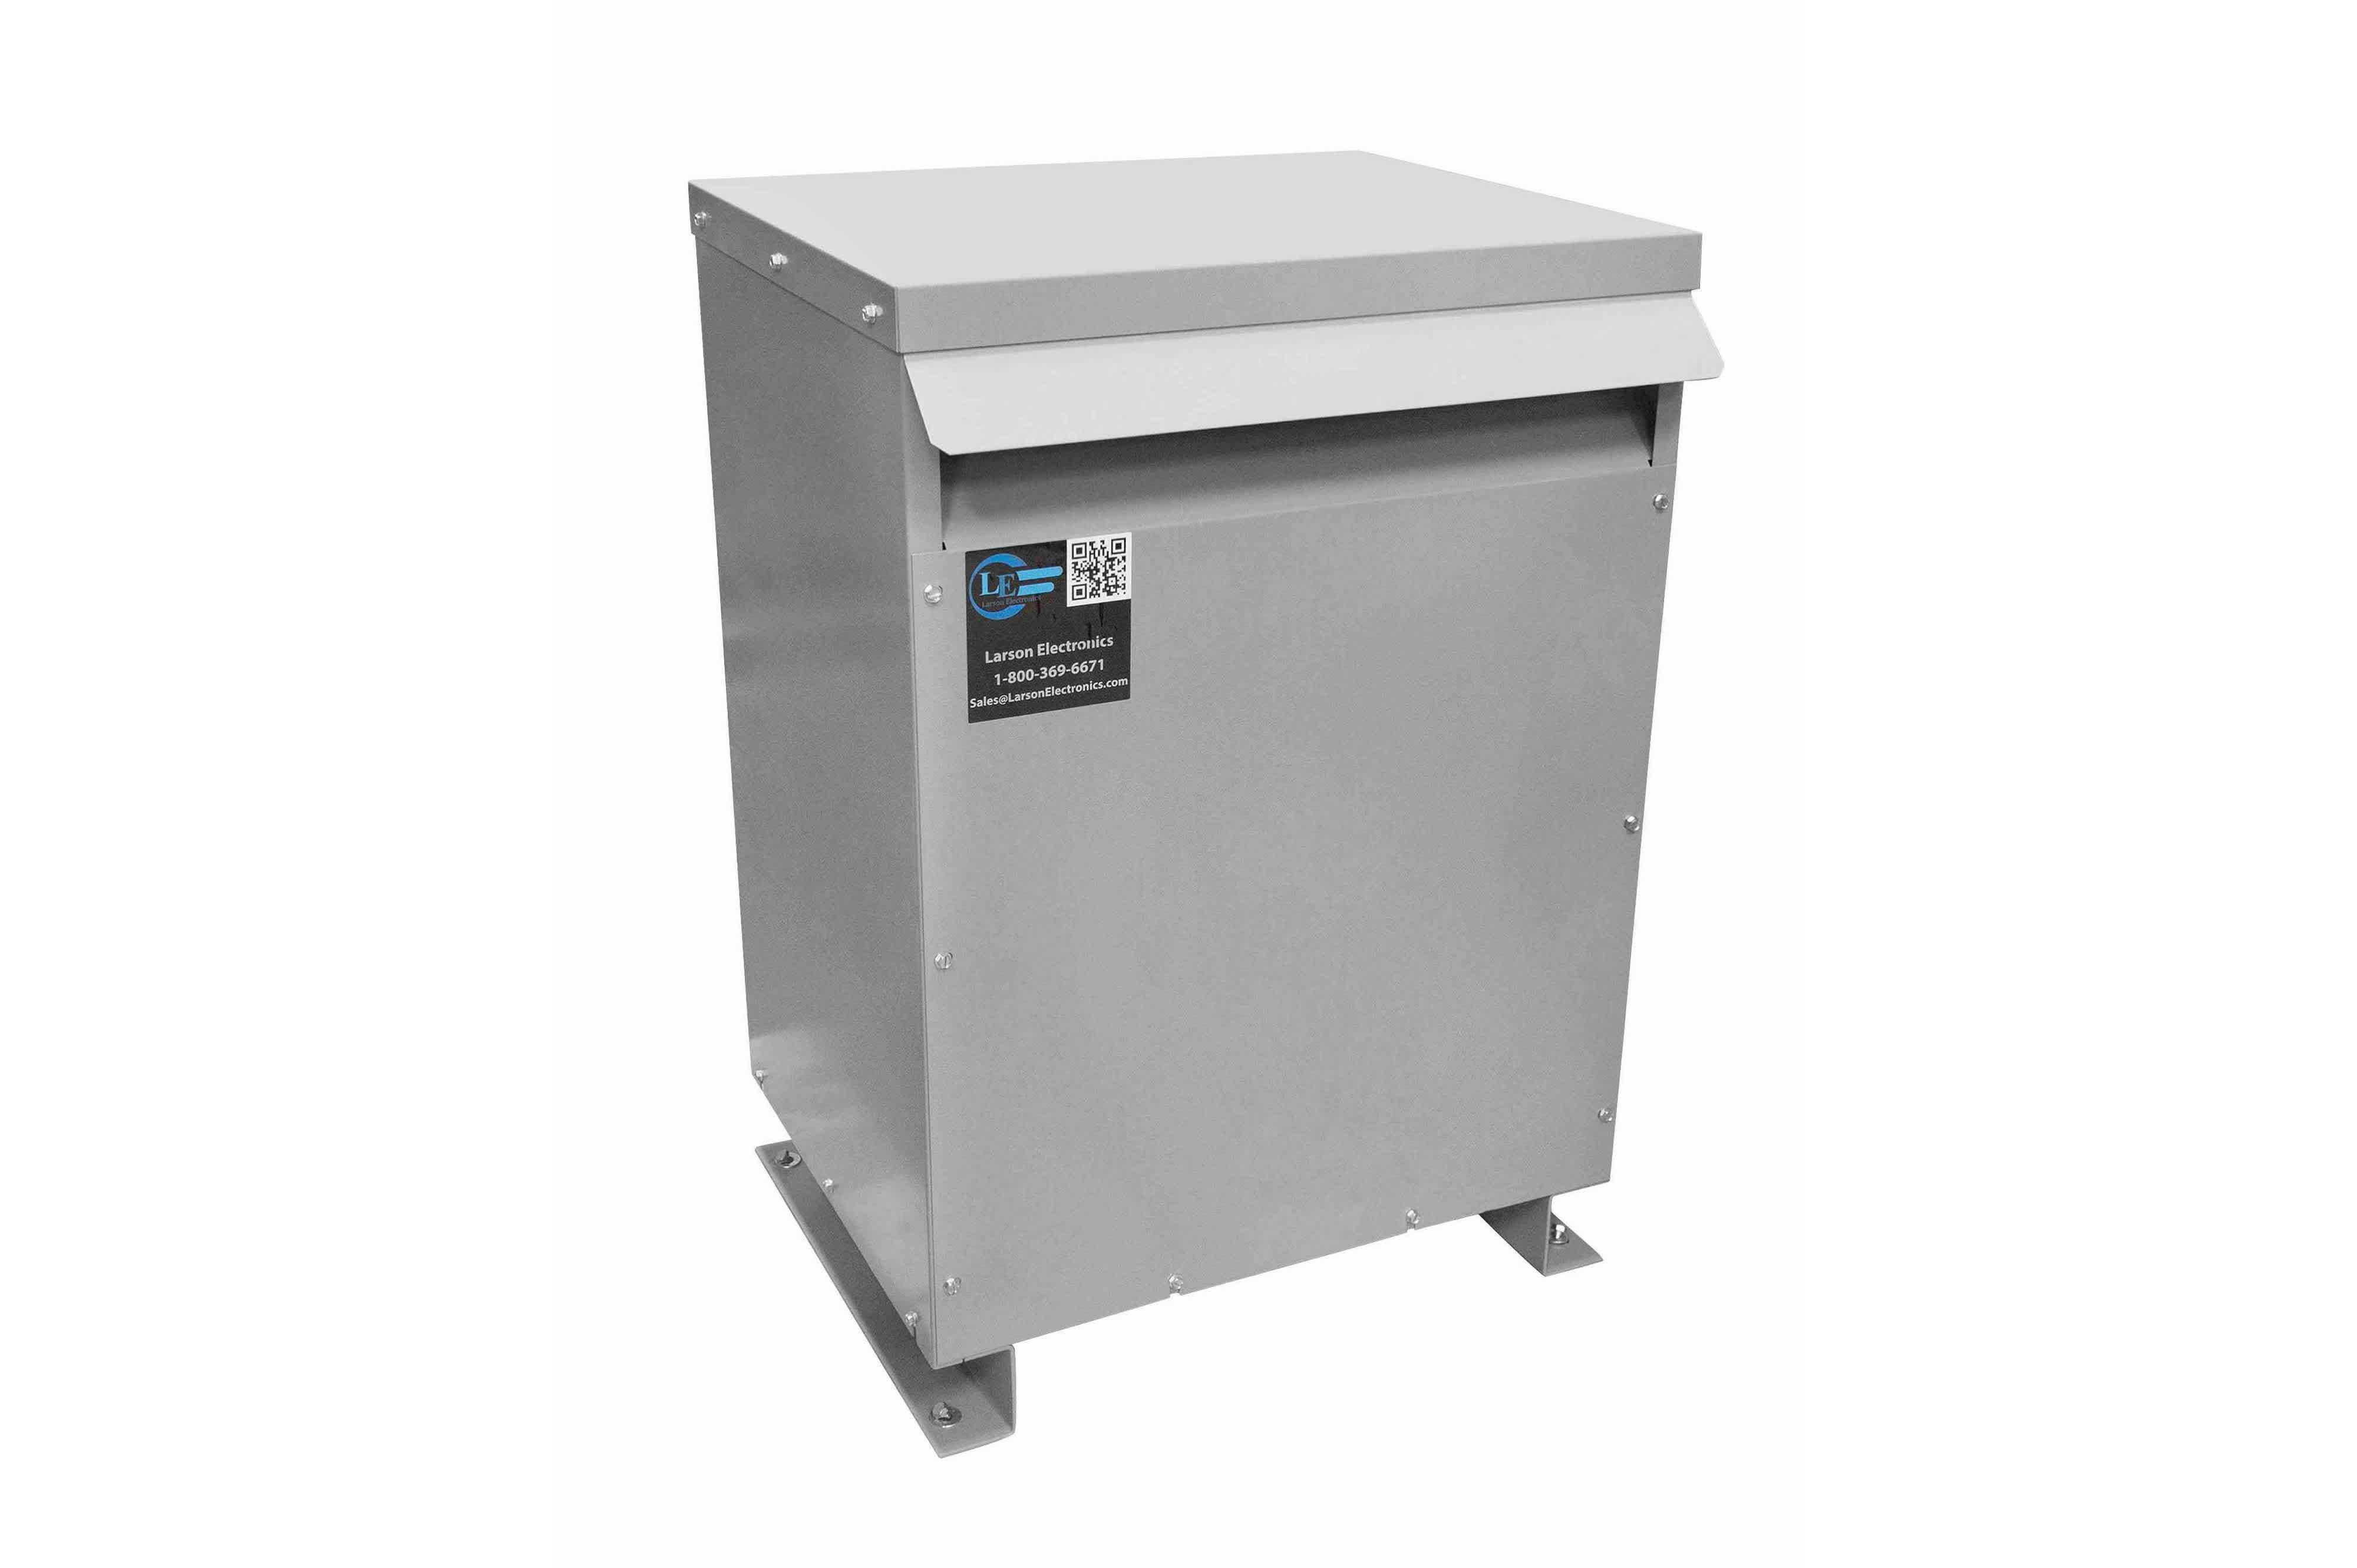 237.5 kVA 3PH Isolation Transformer, 460V Delta Primary, 380V Delta Secondary, N3R, Ventilated, 60 Hz